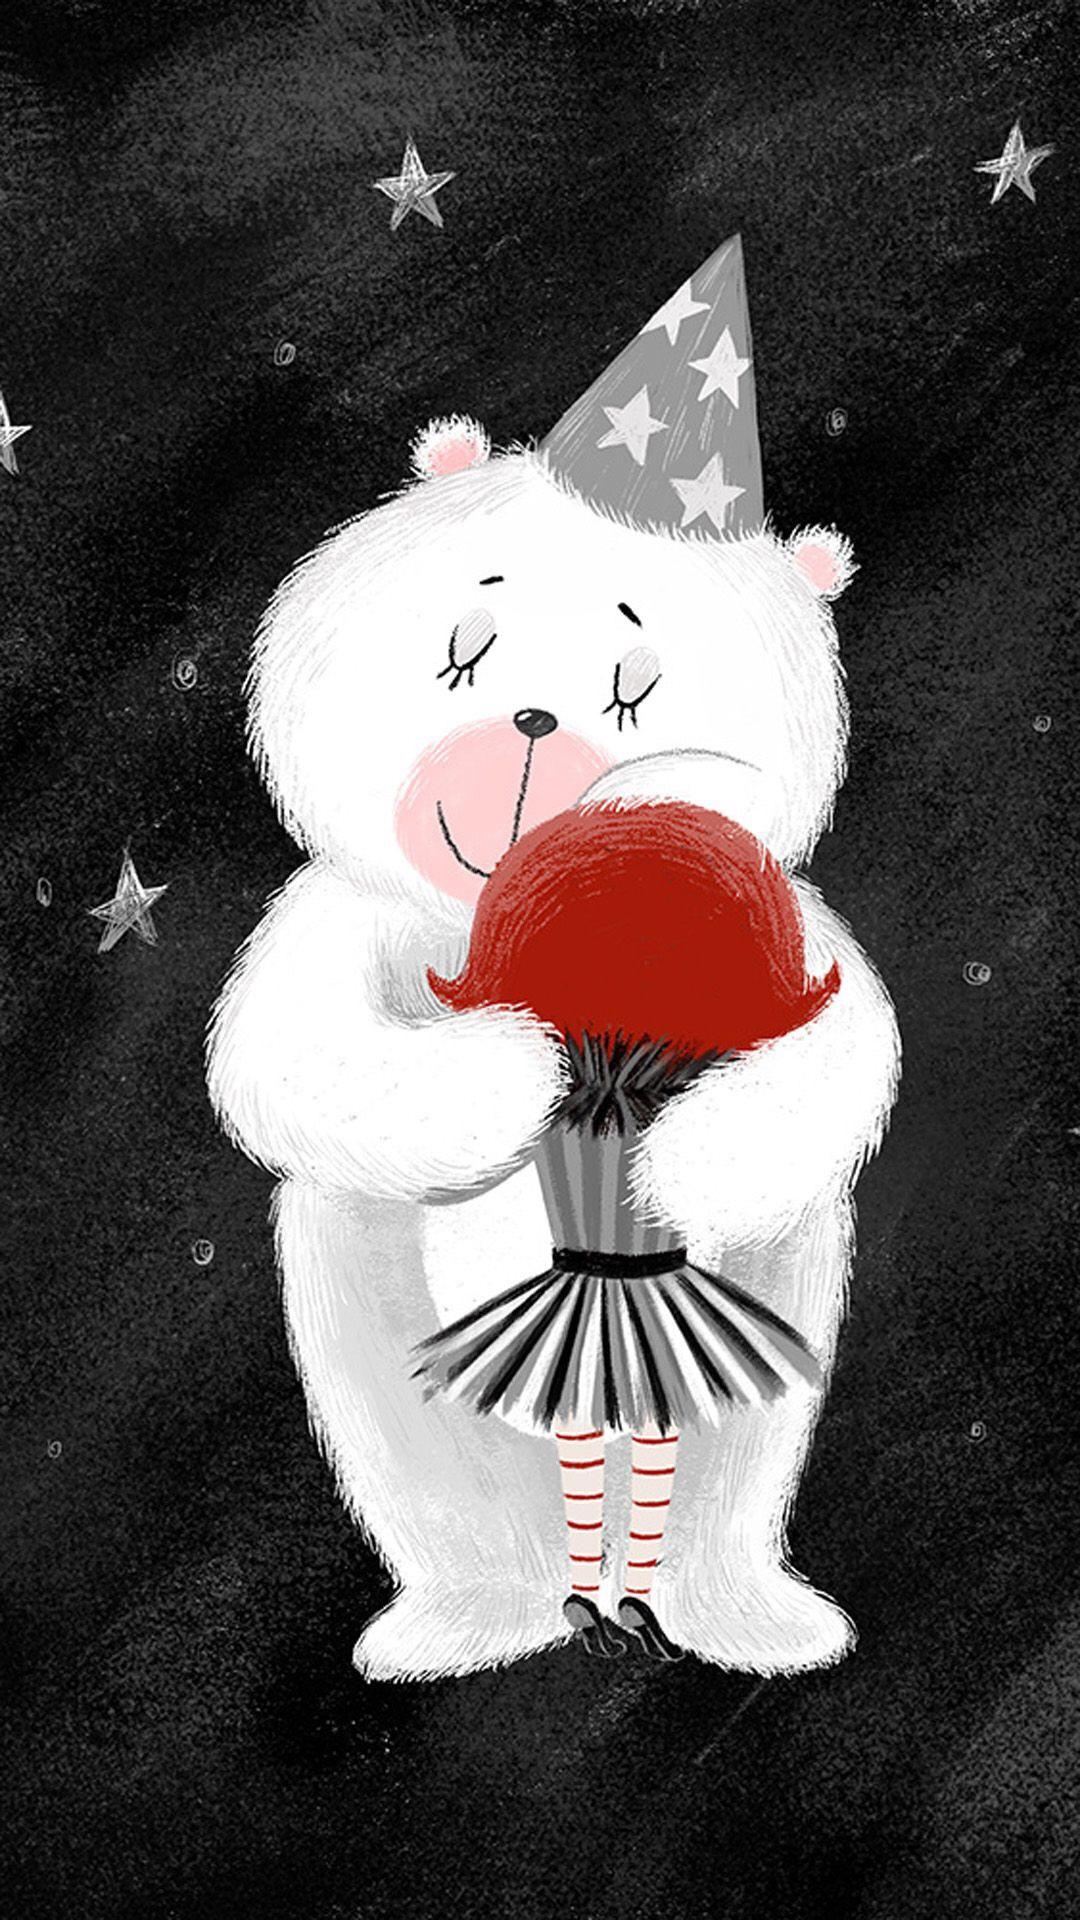 手绘 插画 北极熊 拥抱 星星 帽子 小女孩 黑白红